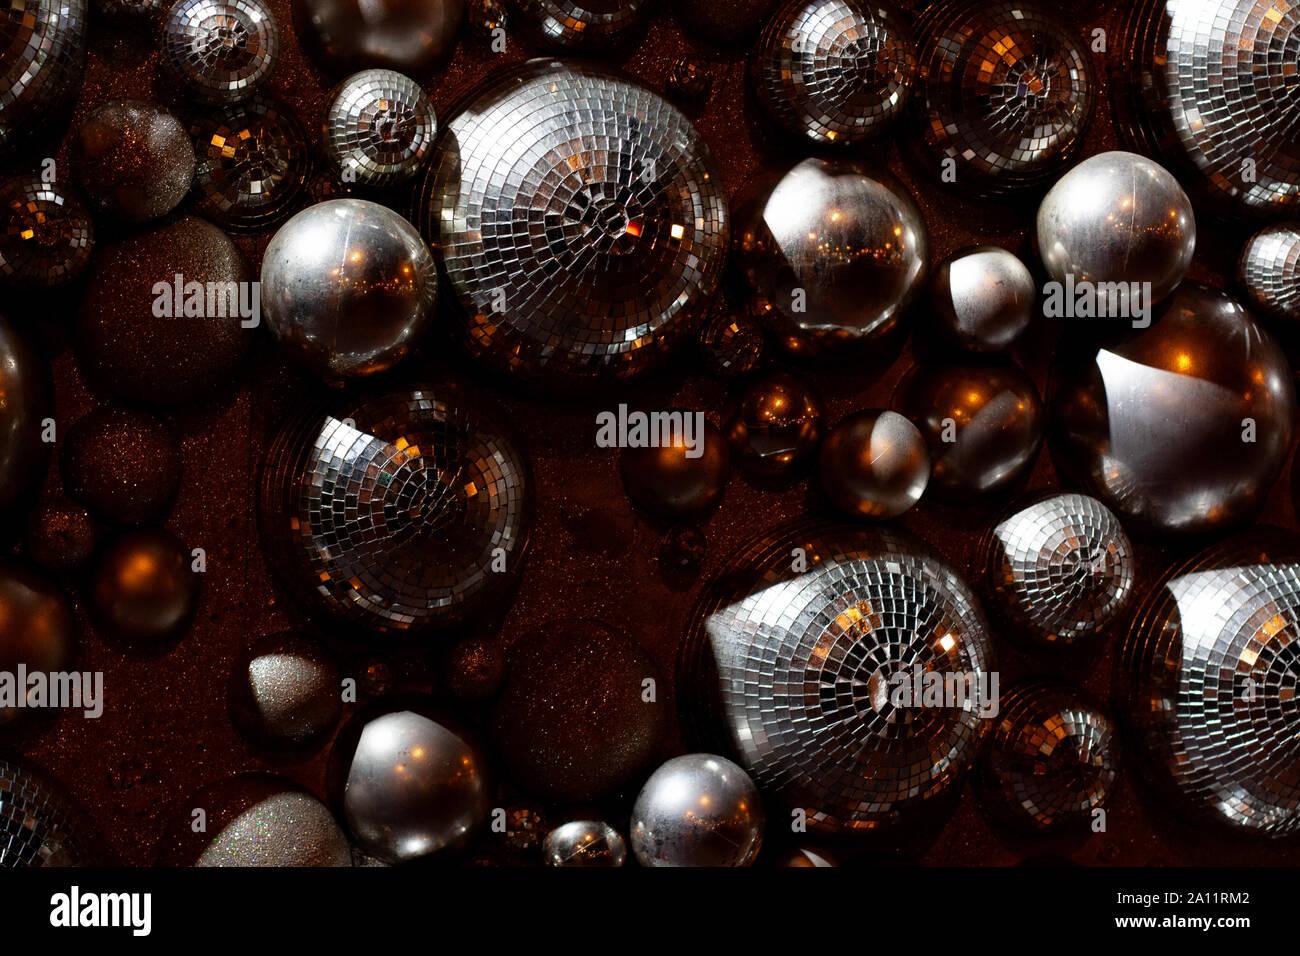 Silber Disco Bälle Zusammensetzung glitzernden mit Golden Lights Stockfoto